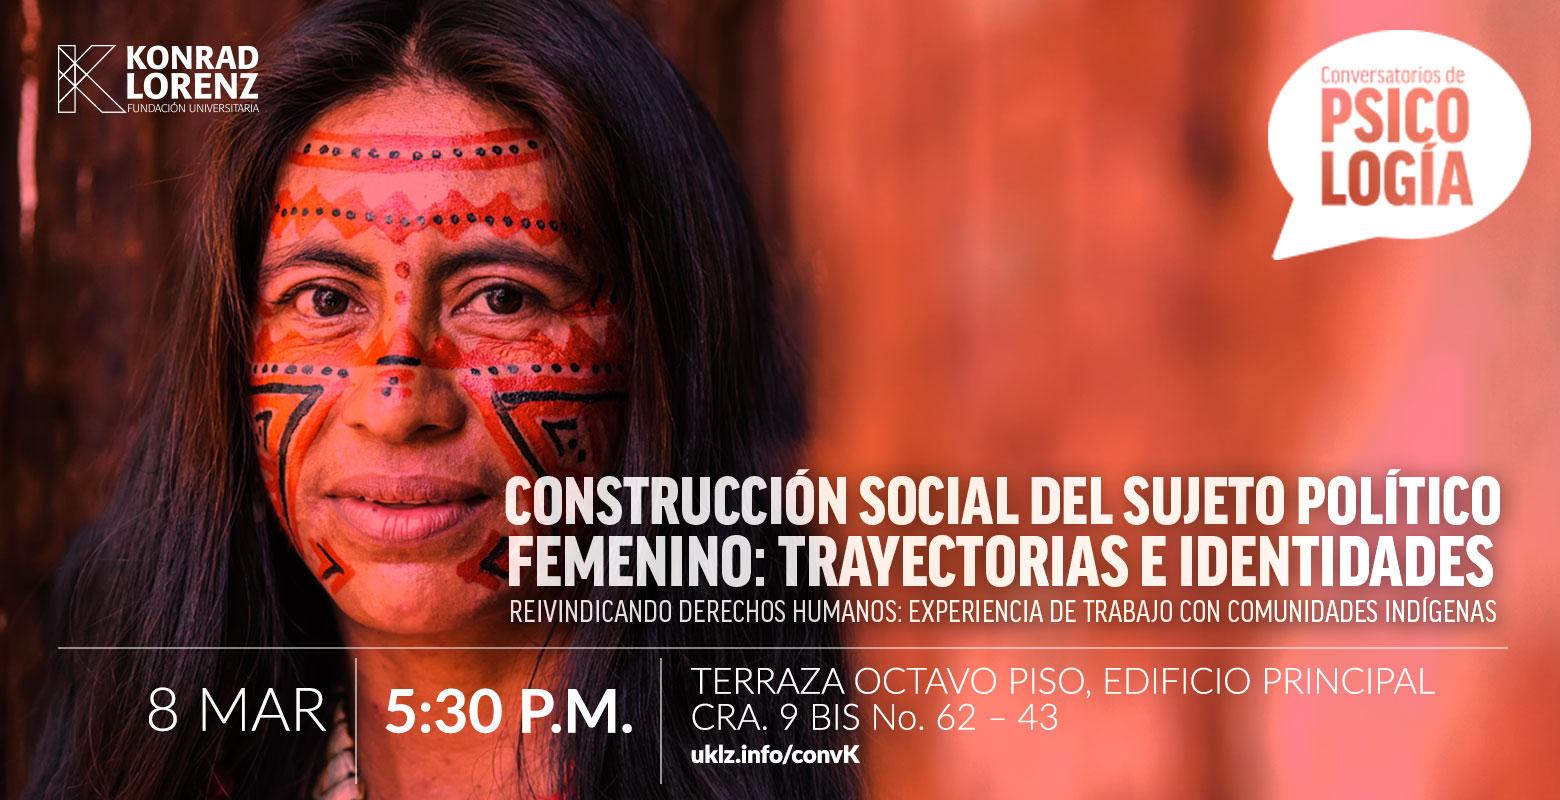 Conversatorio: Construcción social del sujeto político femenino, trayectorias e identidades